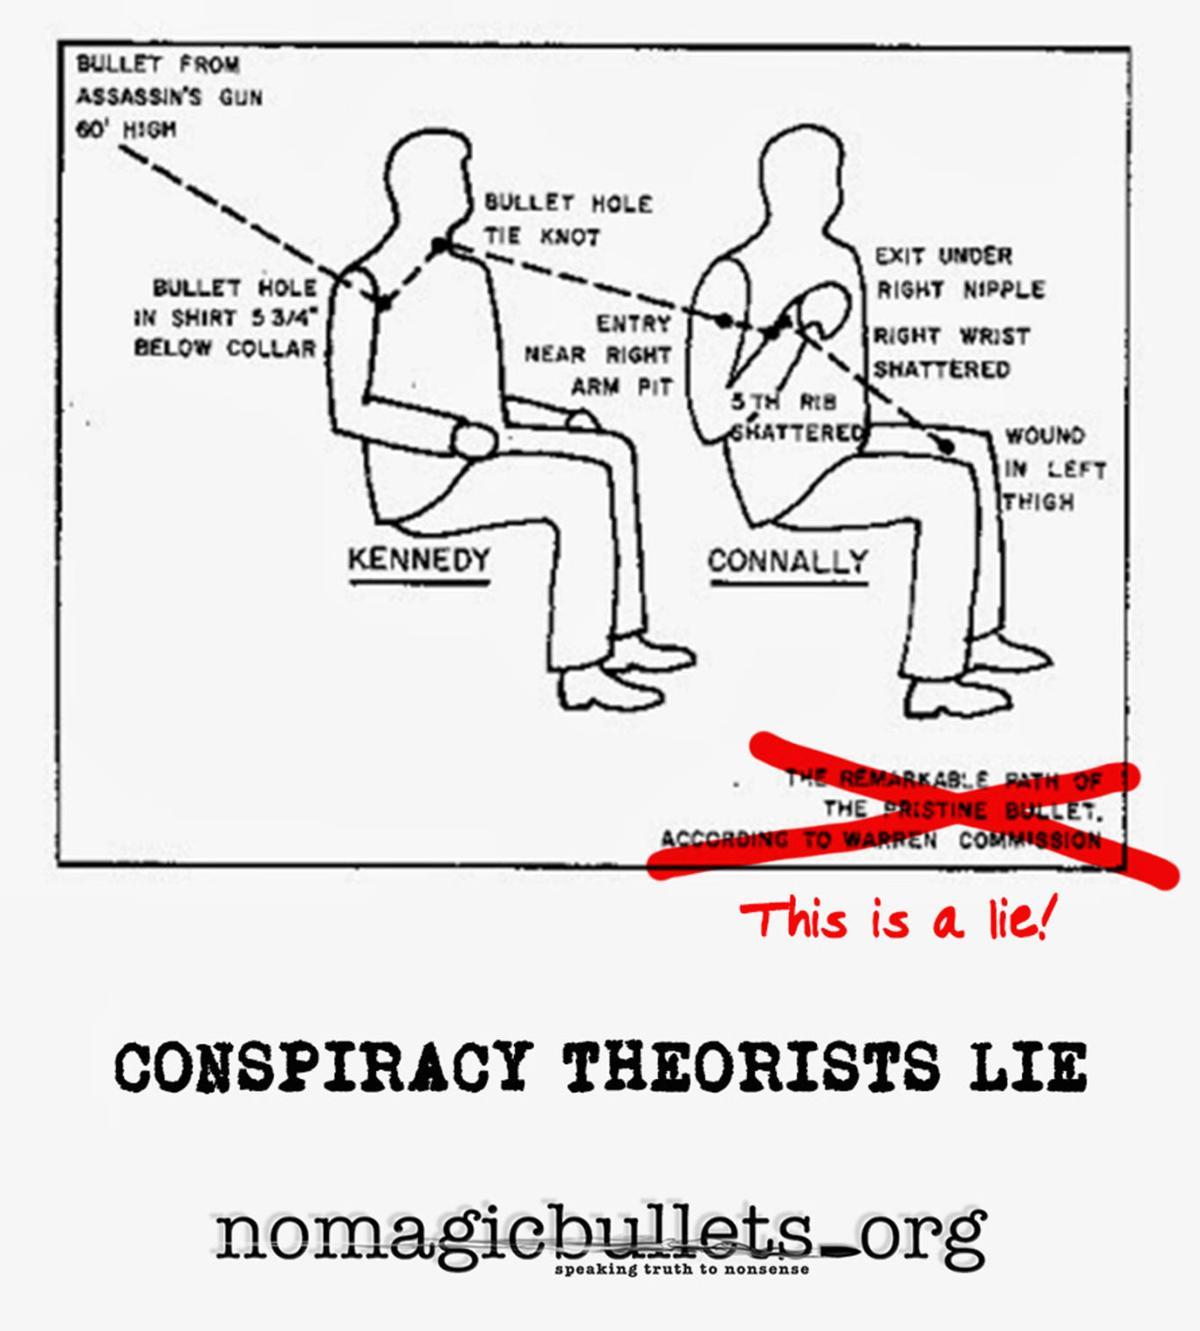 Jfk conspiracy theory essay